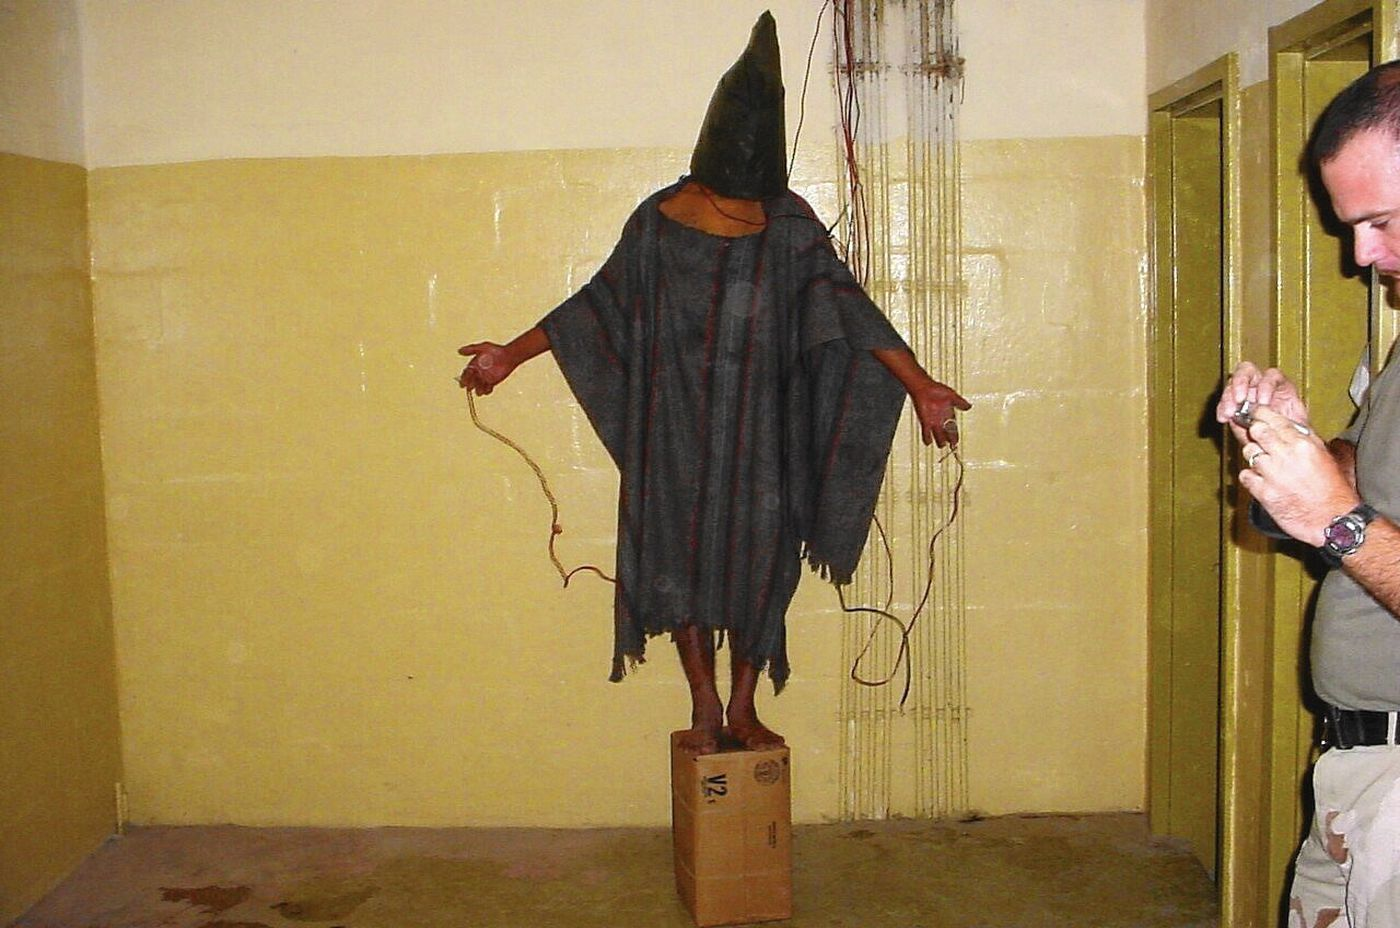 Imágen de las torturas en la prisión de Abu Ghraib